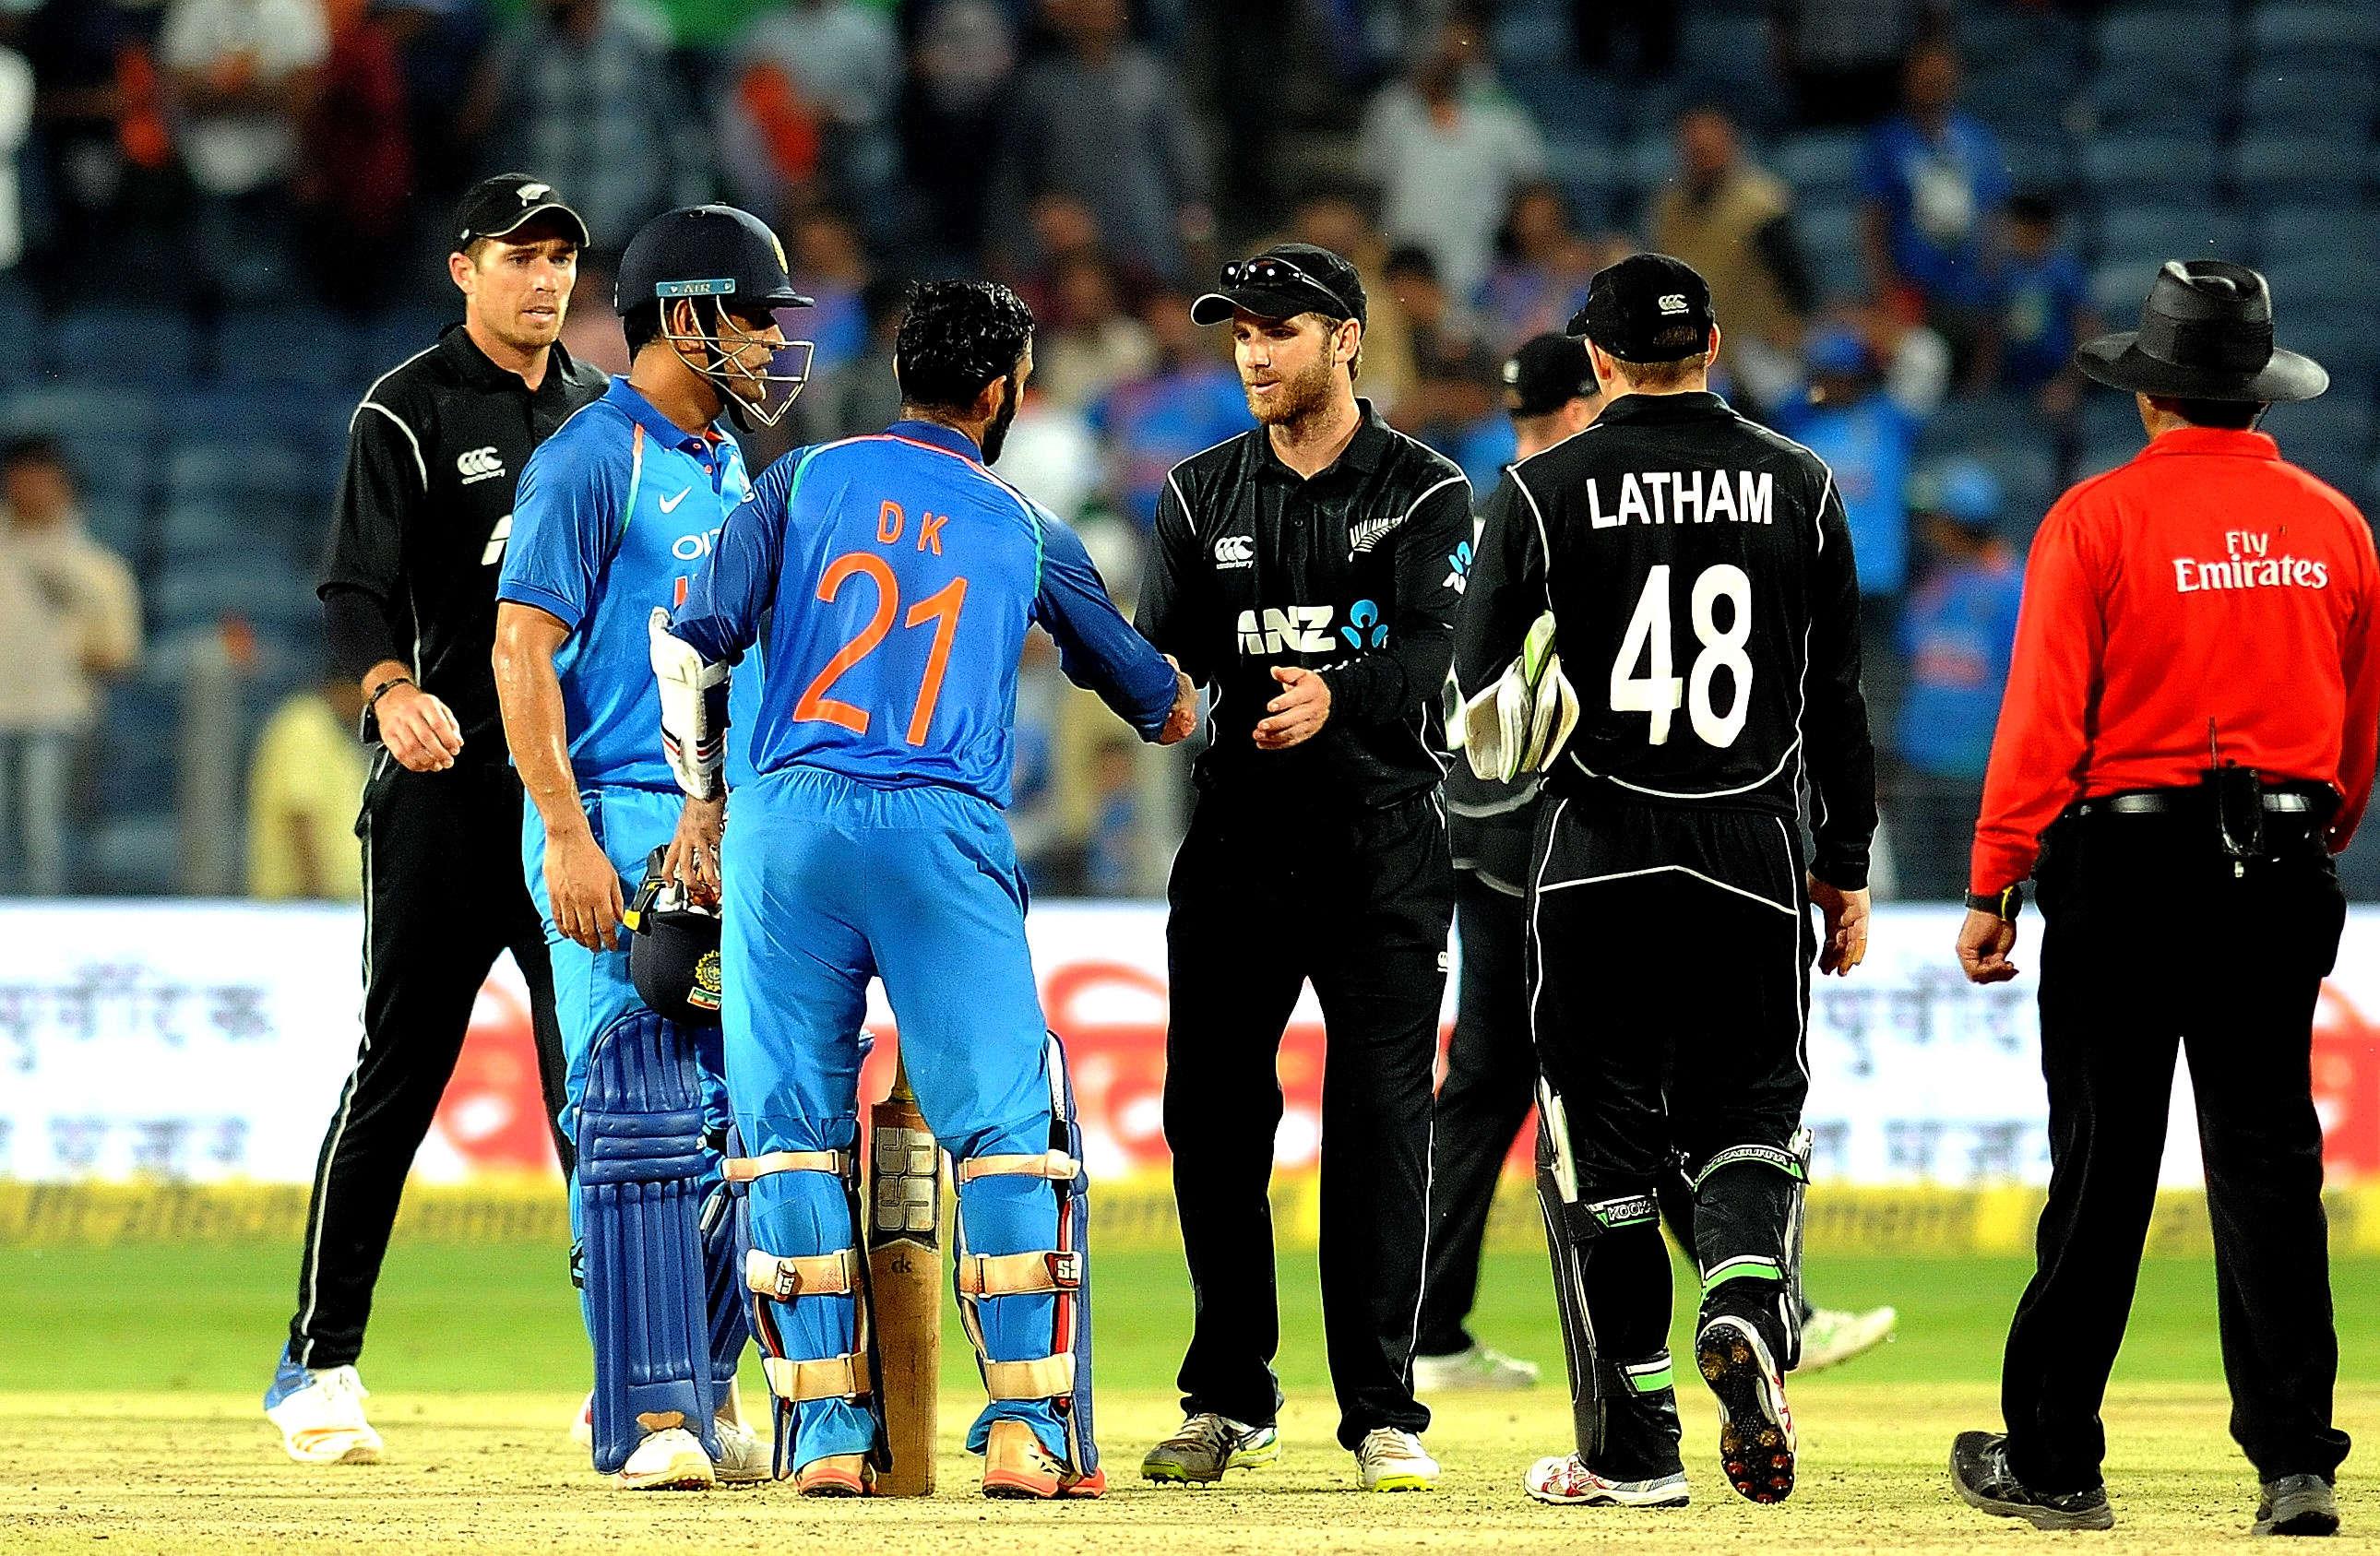 India vs New Zealand 2nd ODI in Pune, India won